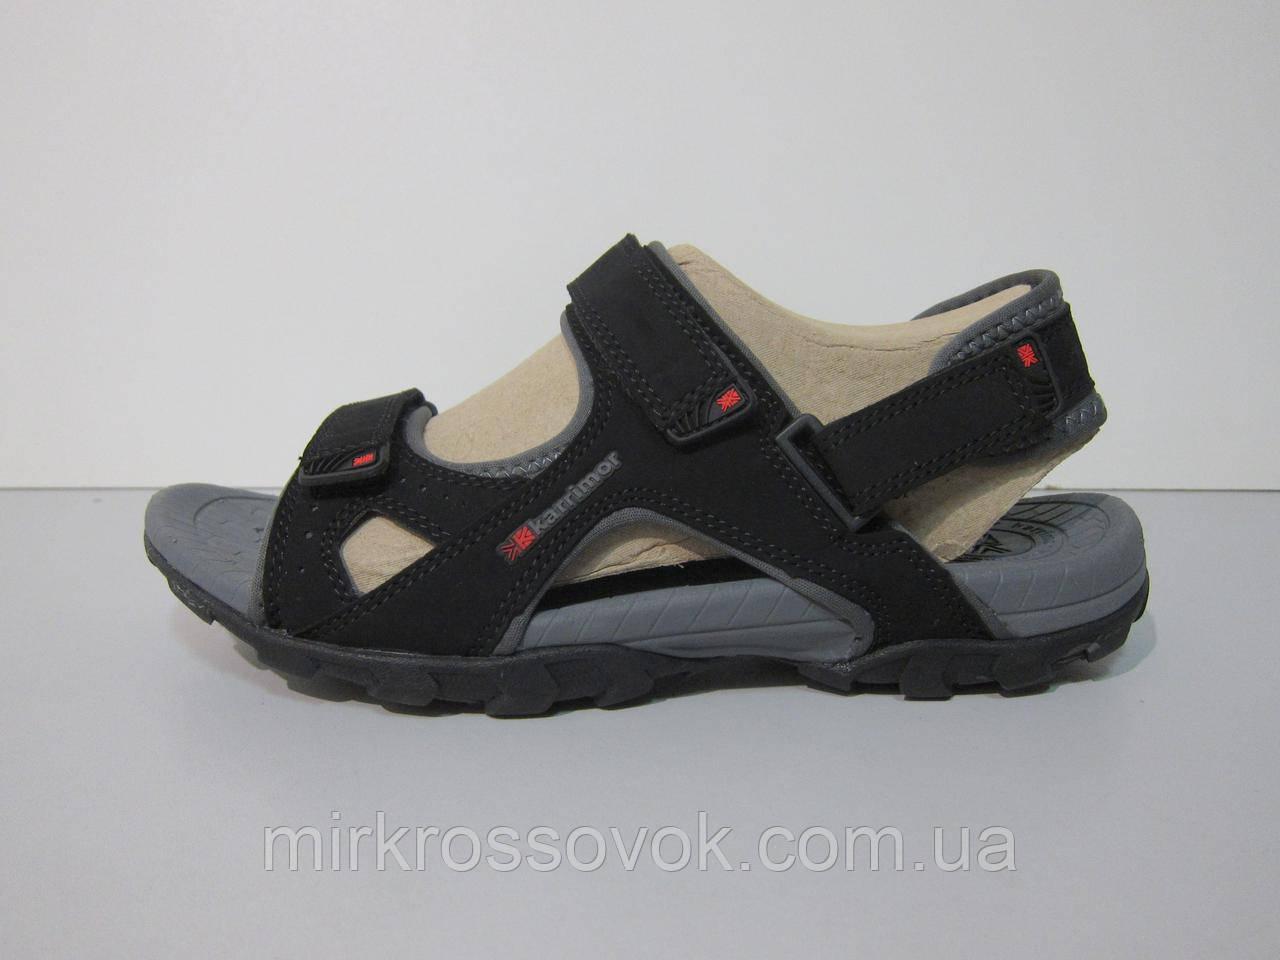 Сандалии мужские ( 31.5см 48р ) Karrimor Antibes Sandals Beige (оригинал), фото 1